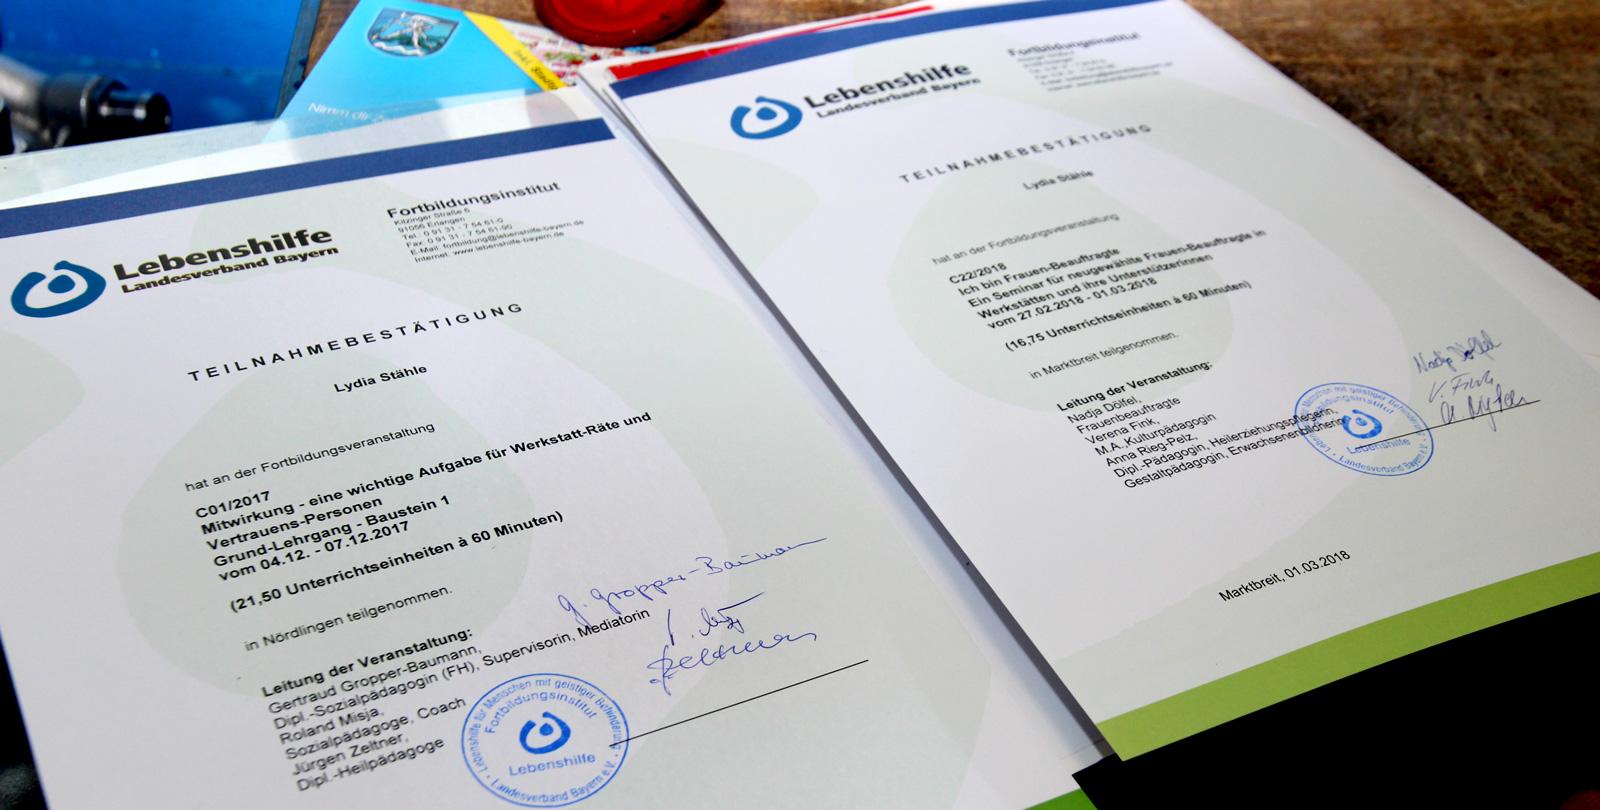 Erste Fortbildung für Werkstatträte und Frauenbeauftragte erfolgreich absolviert Stolz zeigt Lydia Stähle ihre Zertifikate in die Kamera.